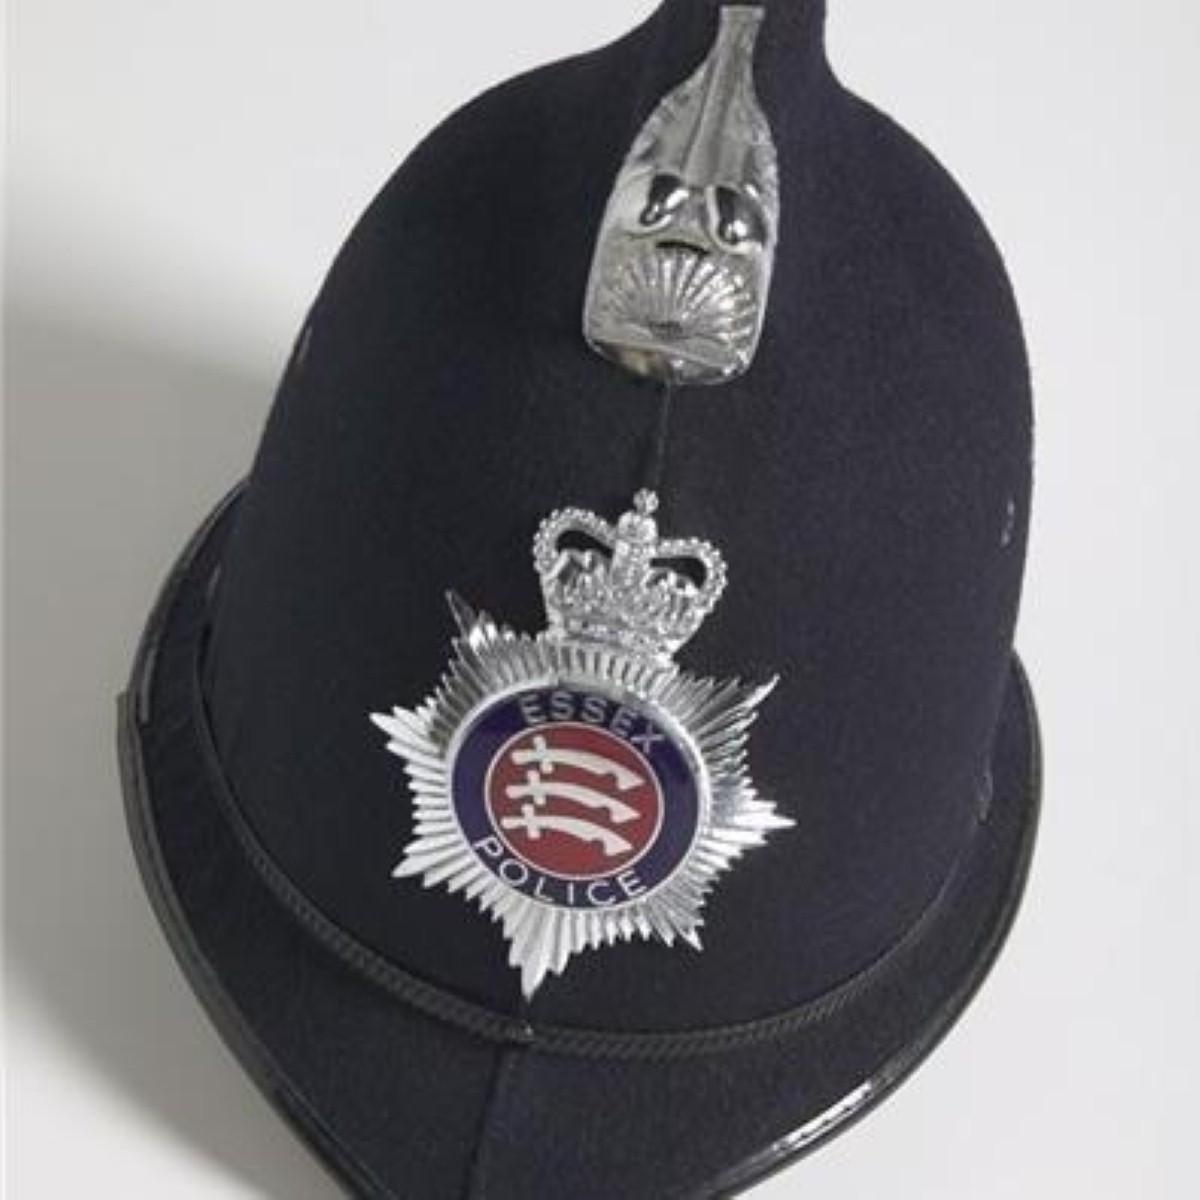 Queens Speech: Policing